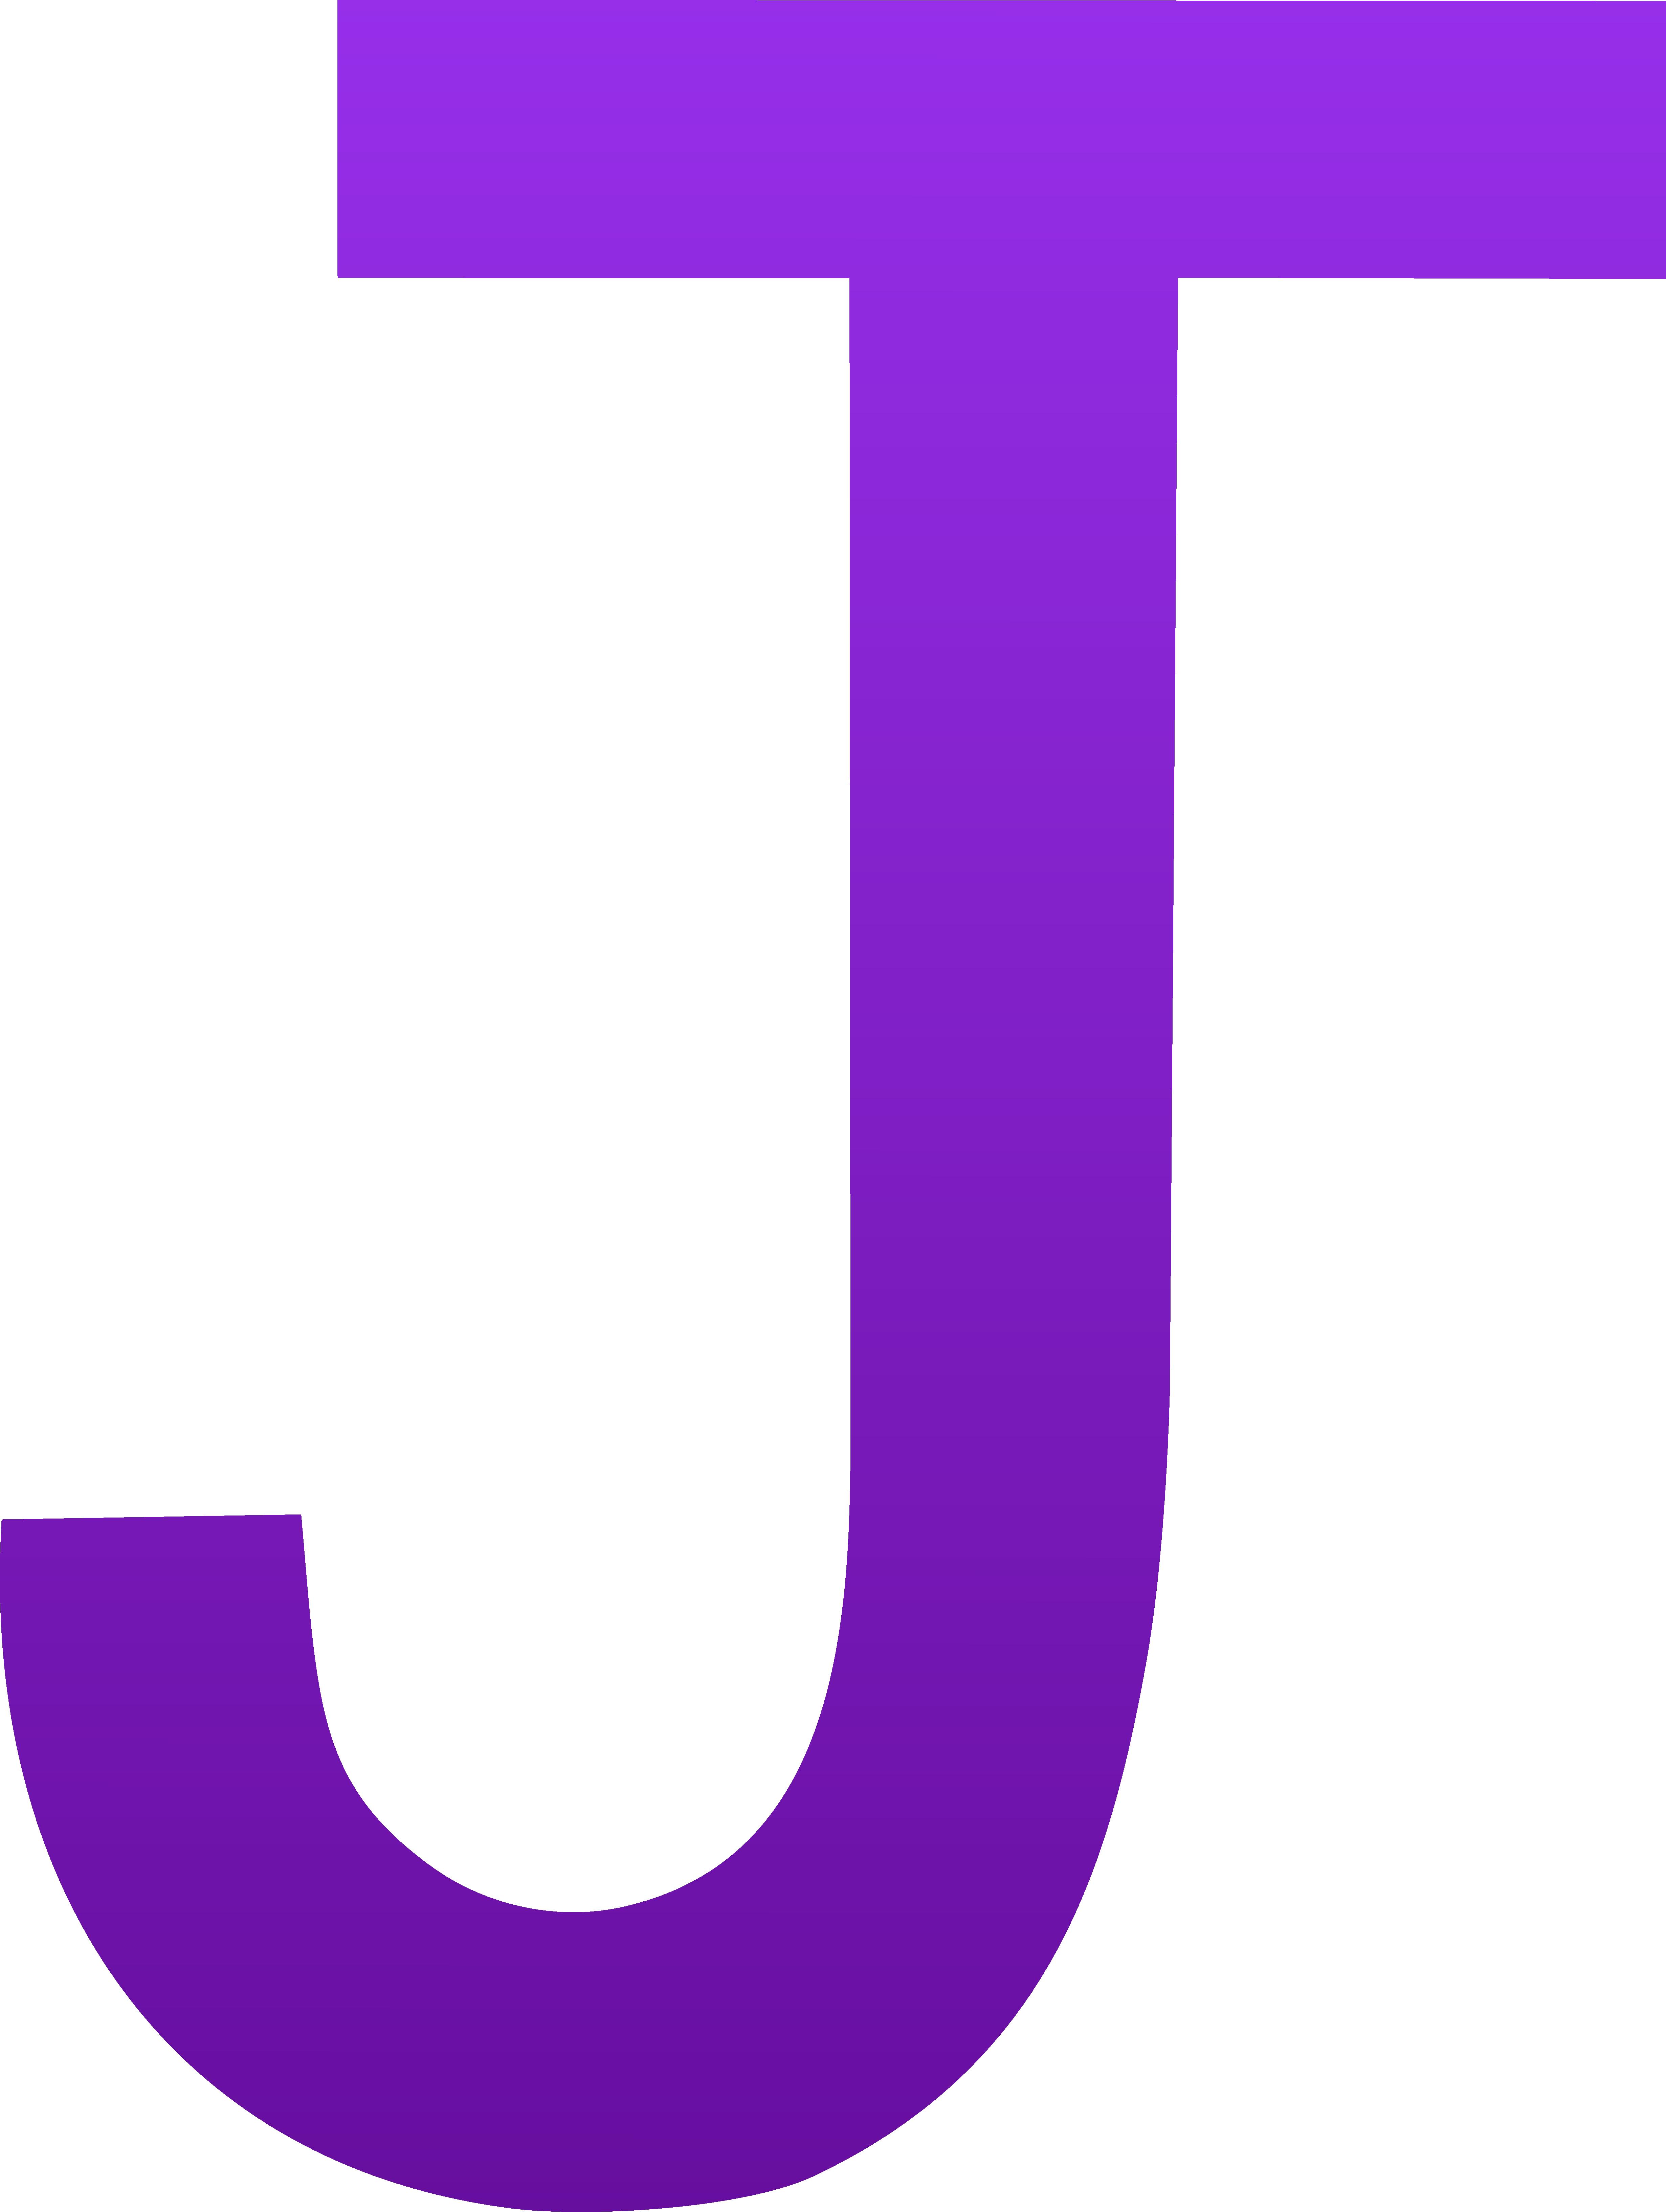 letter j clip art sweet clip art rh m sweetclipart com decorative letter j clipart letter g clipart